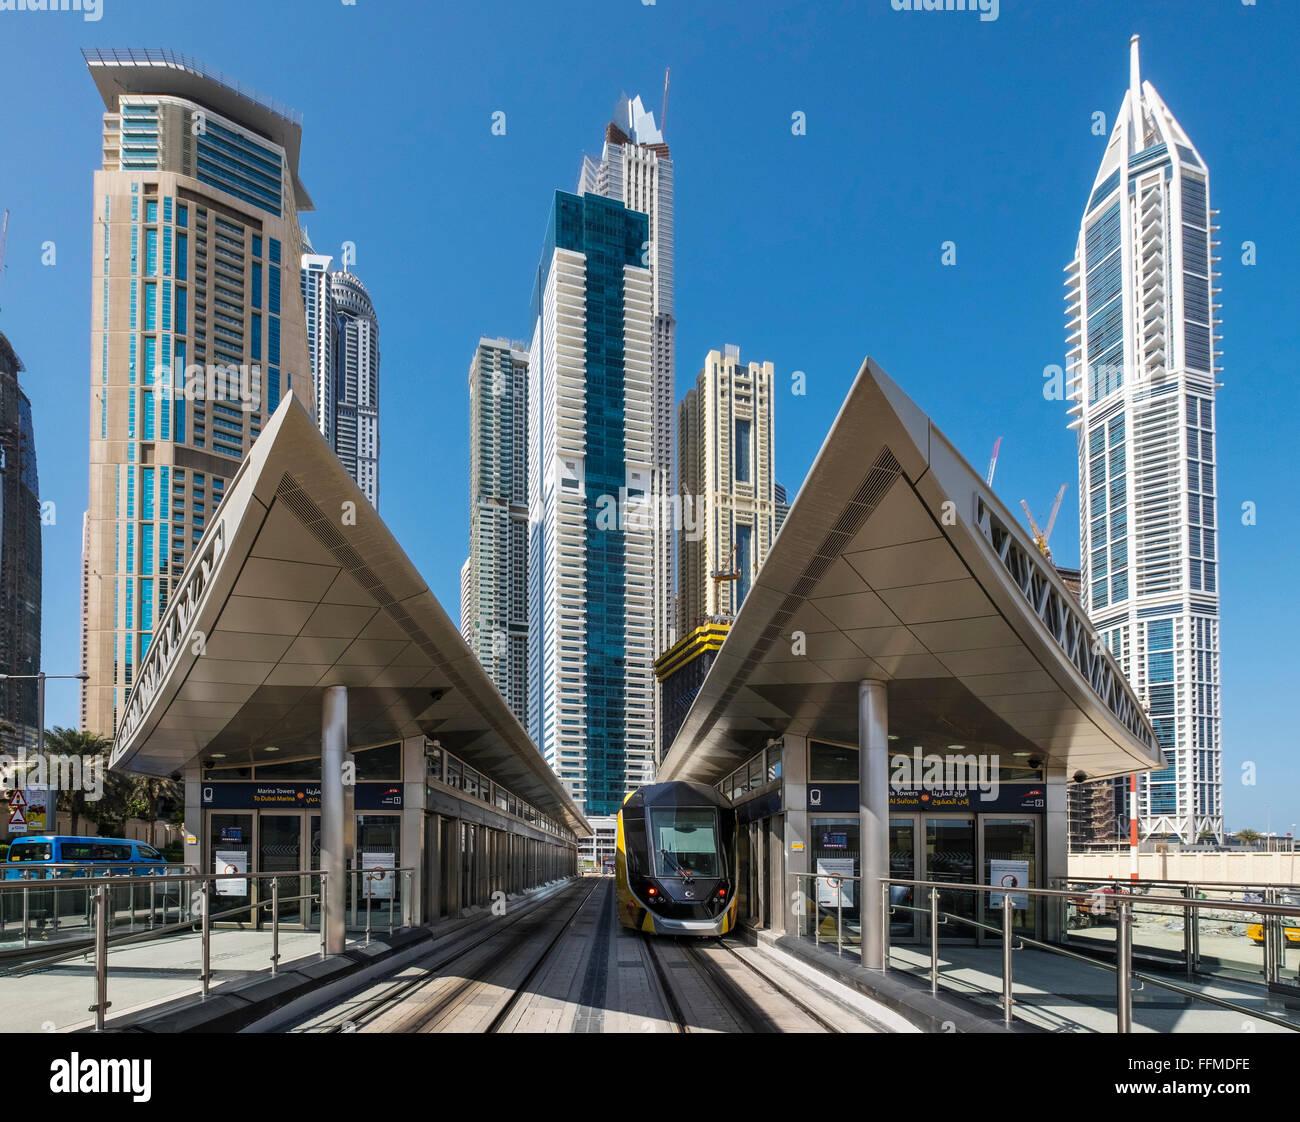 La gare la plus moderne pour système de tramway de Dubaï en Émirats Arabes Unis Photo Stock